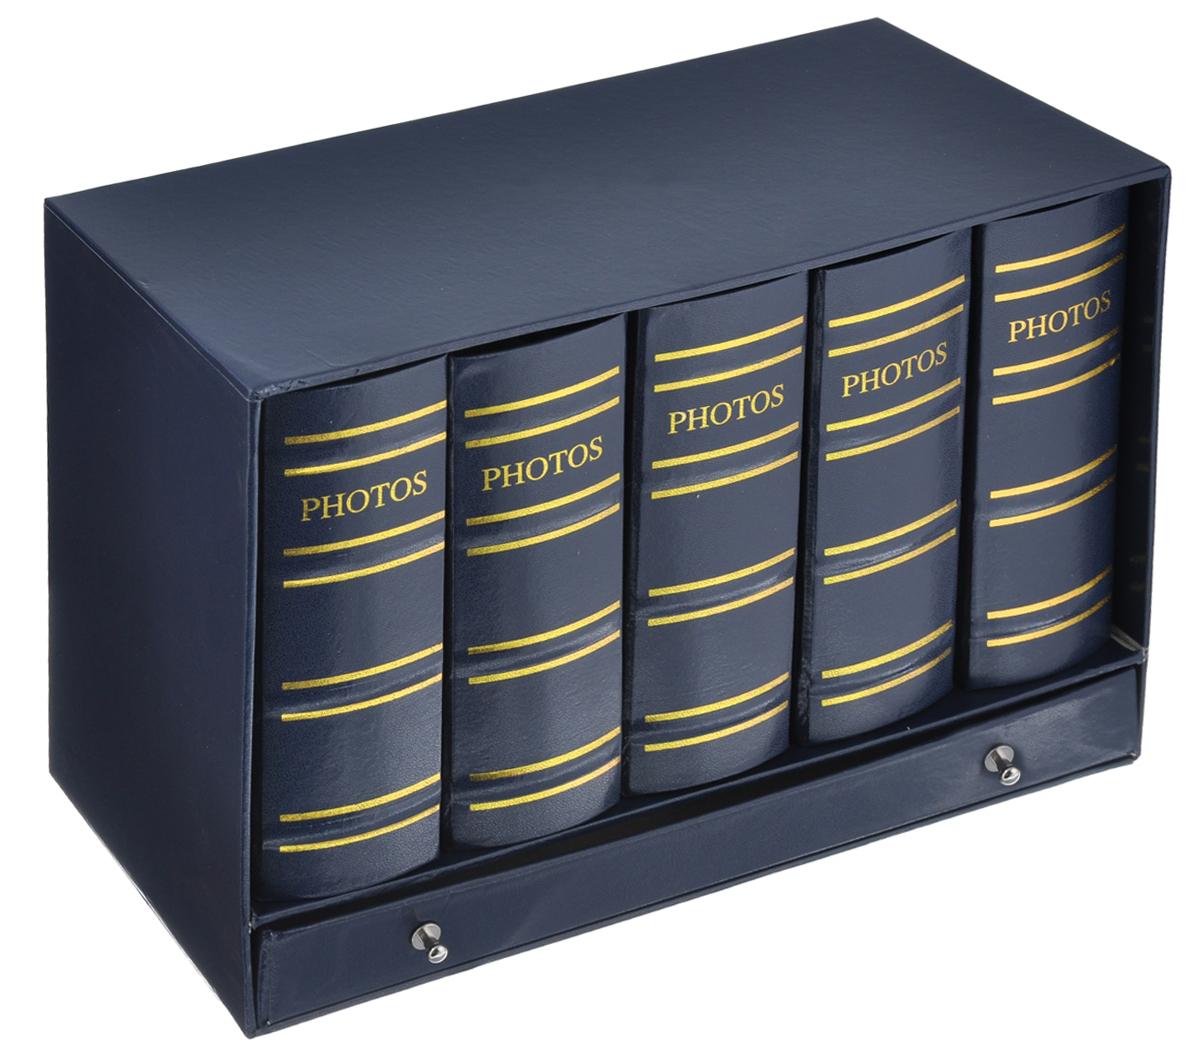 Набор фотоальбомов Image Art Библиотека, 100 фотографий, 10 х 15 см, 5 штRG-D31SНабор Image Art Библиотека, состоящий из пяти фотоальбомов, поможет красиво оформить ваши фотографии. Обложки фотоальбомов выполнены из толстого картона, обтянутого искусственной кожей. Внутри содержится блок из 50 листов с фиксаторами-окошками из ПВХ. Каждый альбом рассчитан на 100 фотографий формата 10 см х 15 см.Альбомы вставляются в подарочную коробку, оснащенную ящиком для хранения различных мелочей.Нам всегда так приятно вспоминать о самых счастливых моментах жизни, запечатленных на фотографиях. Поэтому фотоальбом является универсальным подарком к любому празднику.Количество альбомов: 5 шт.Количество листов в одном альбоме: 50 шт.Число мест для фотографий в одном альбоме: 100 шт.Размер фотоальбома: 12,5 см х 6 см х 16,5 см.